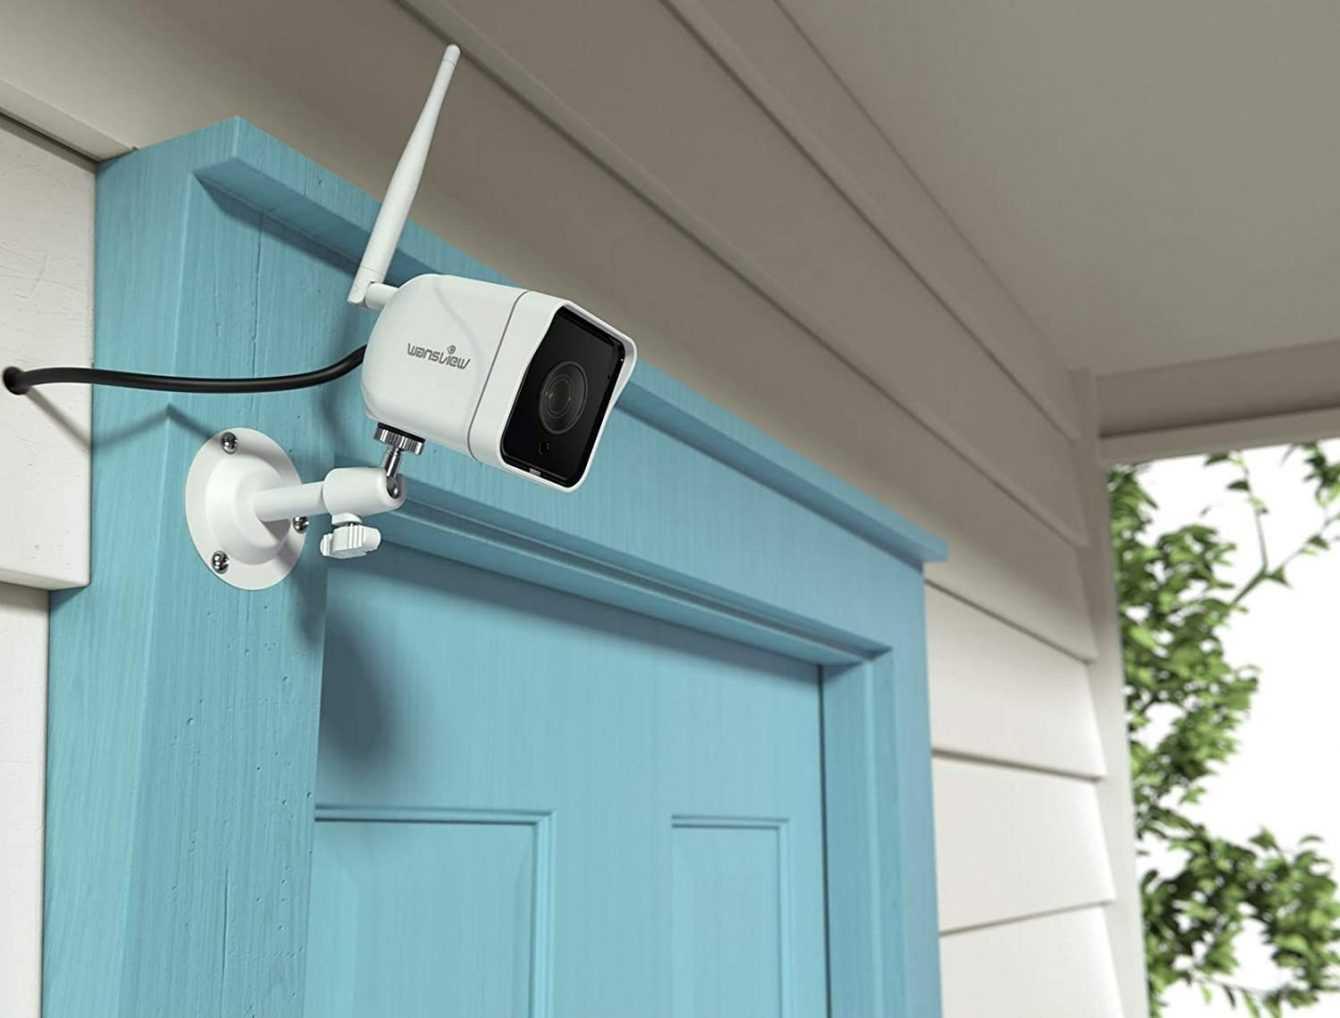 Wansview: a meno di 30 euro la telecamera di sorveglianza più votata su Amazon